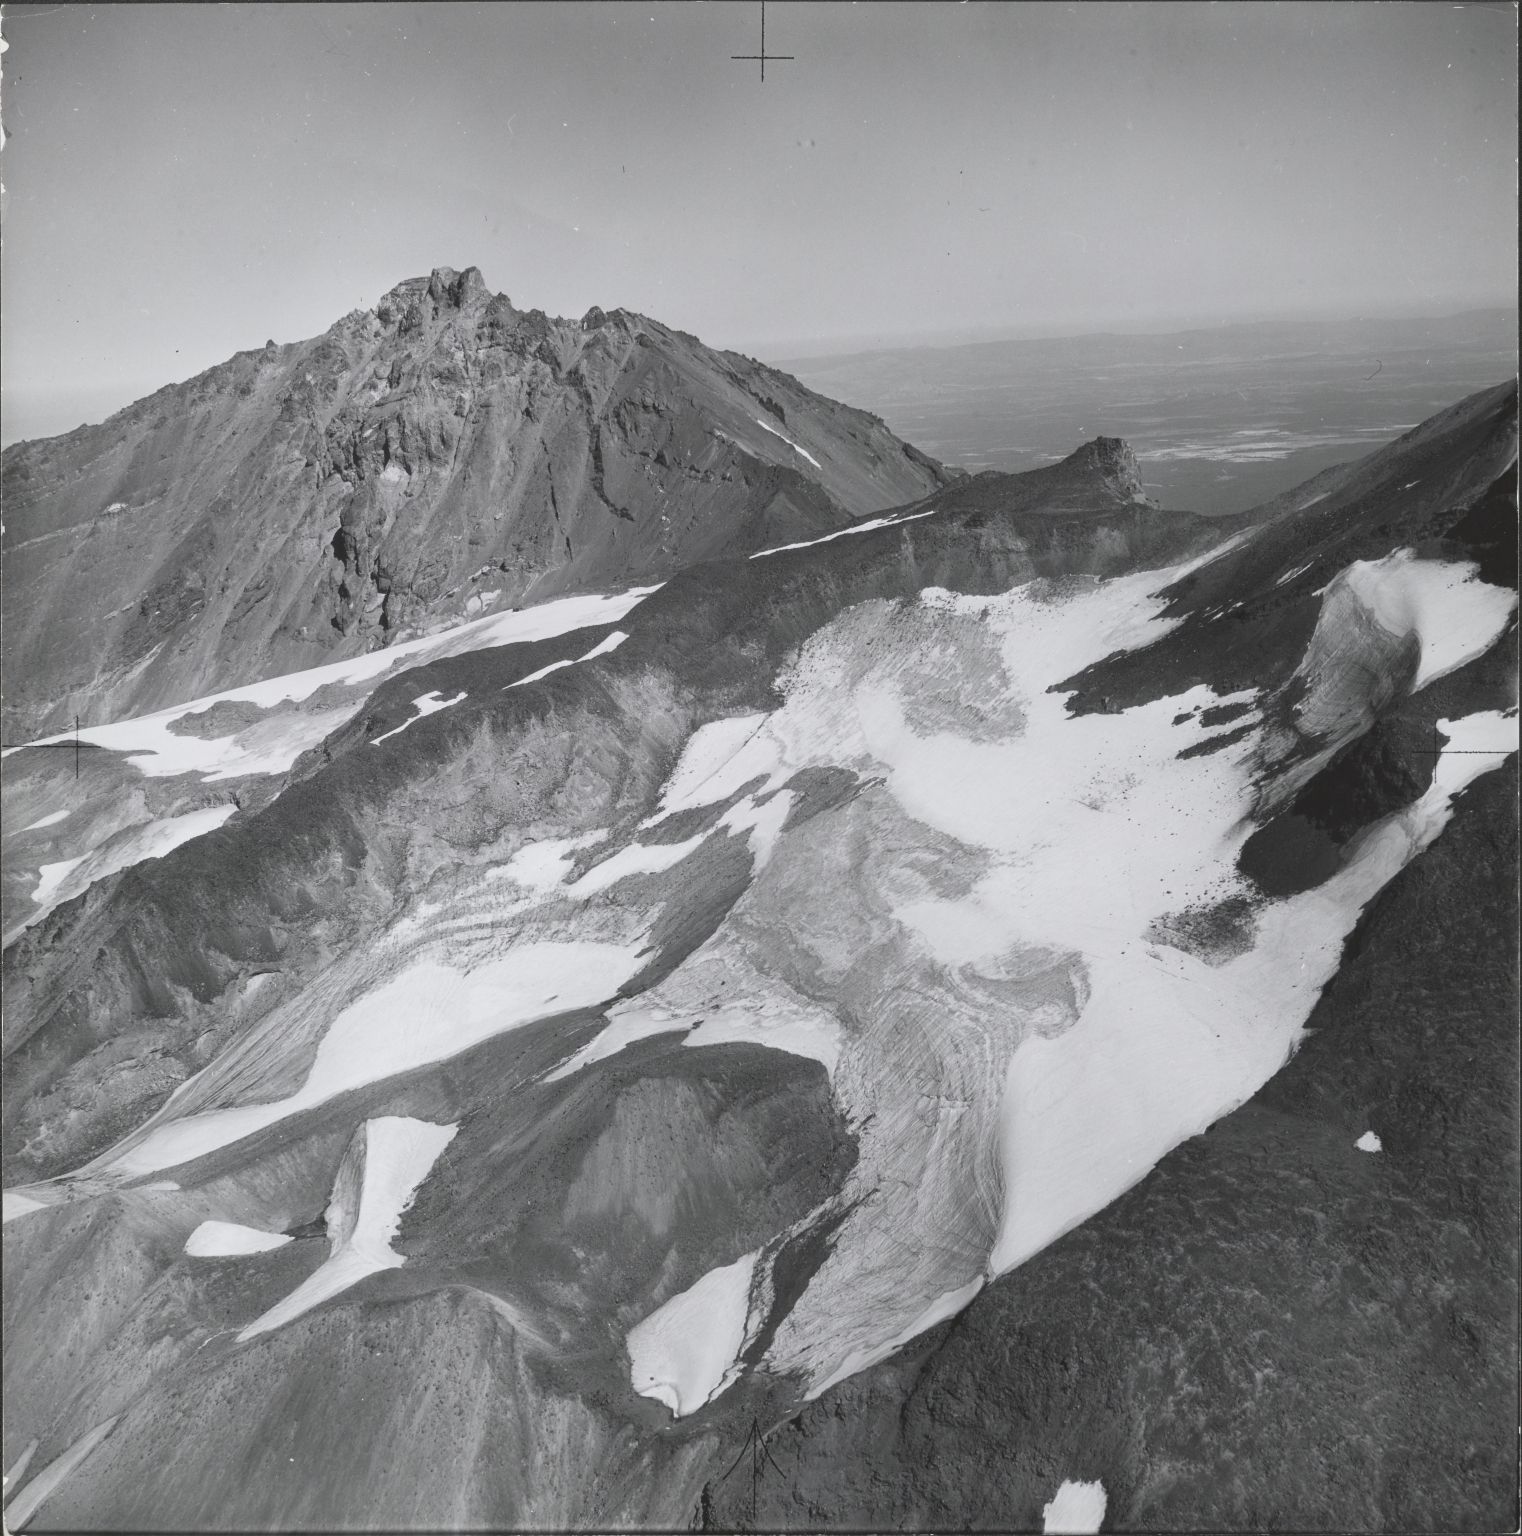 Renfrew Glacier, aerial photograph roll no. 21 exposure 63, Oregon